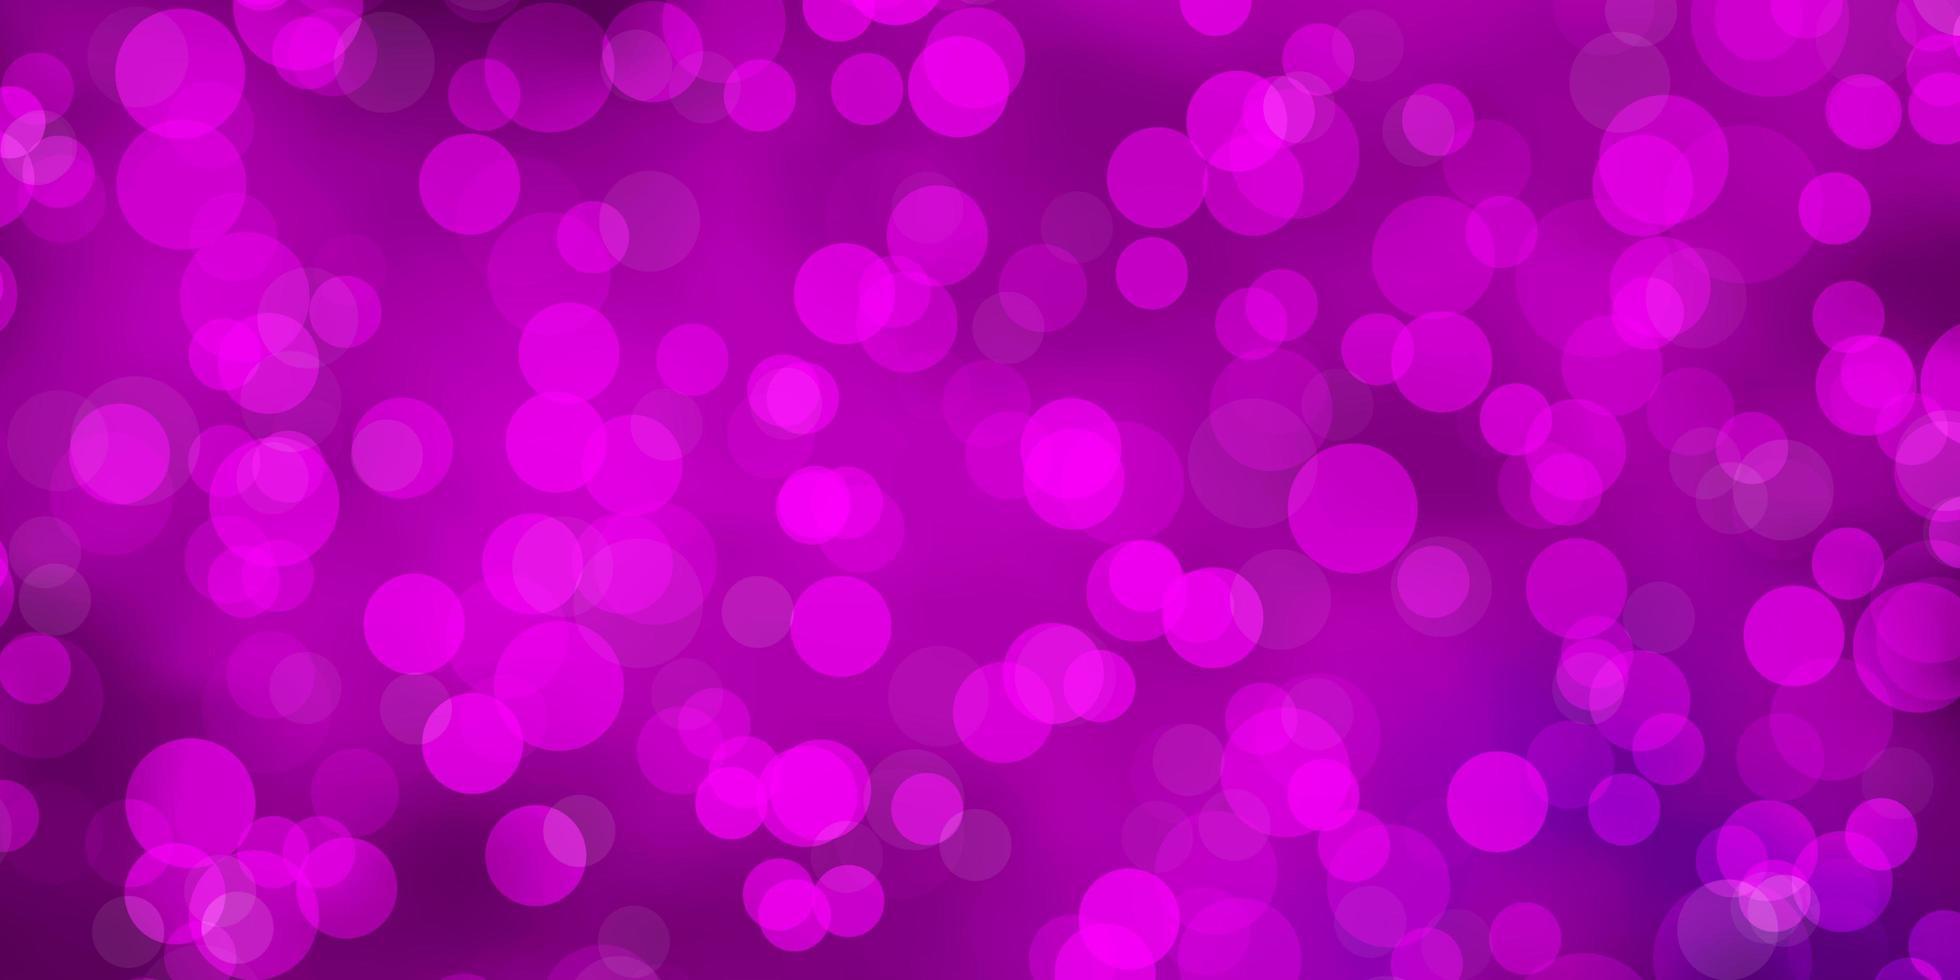 fondo rosa con círculos. vector